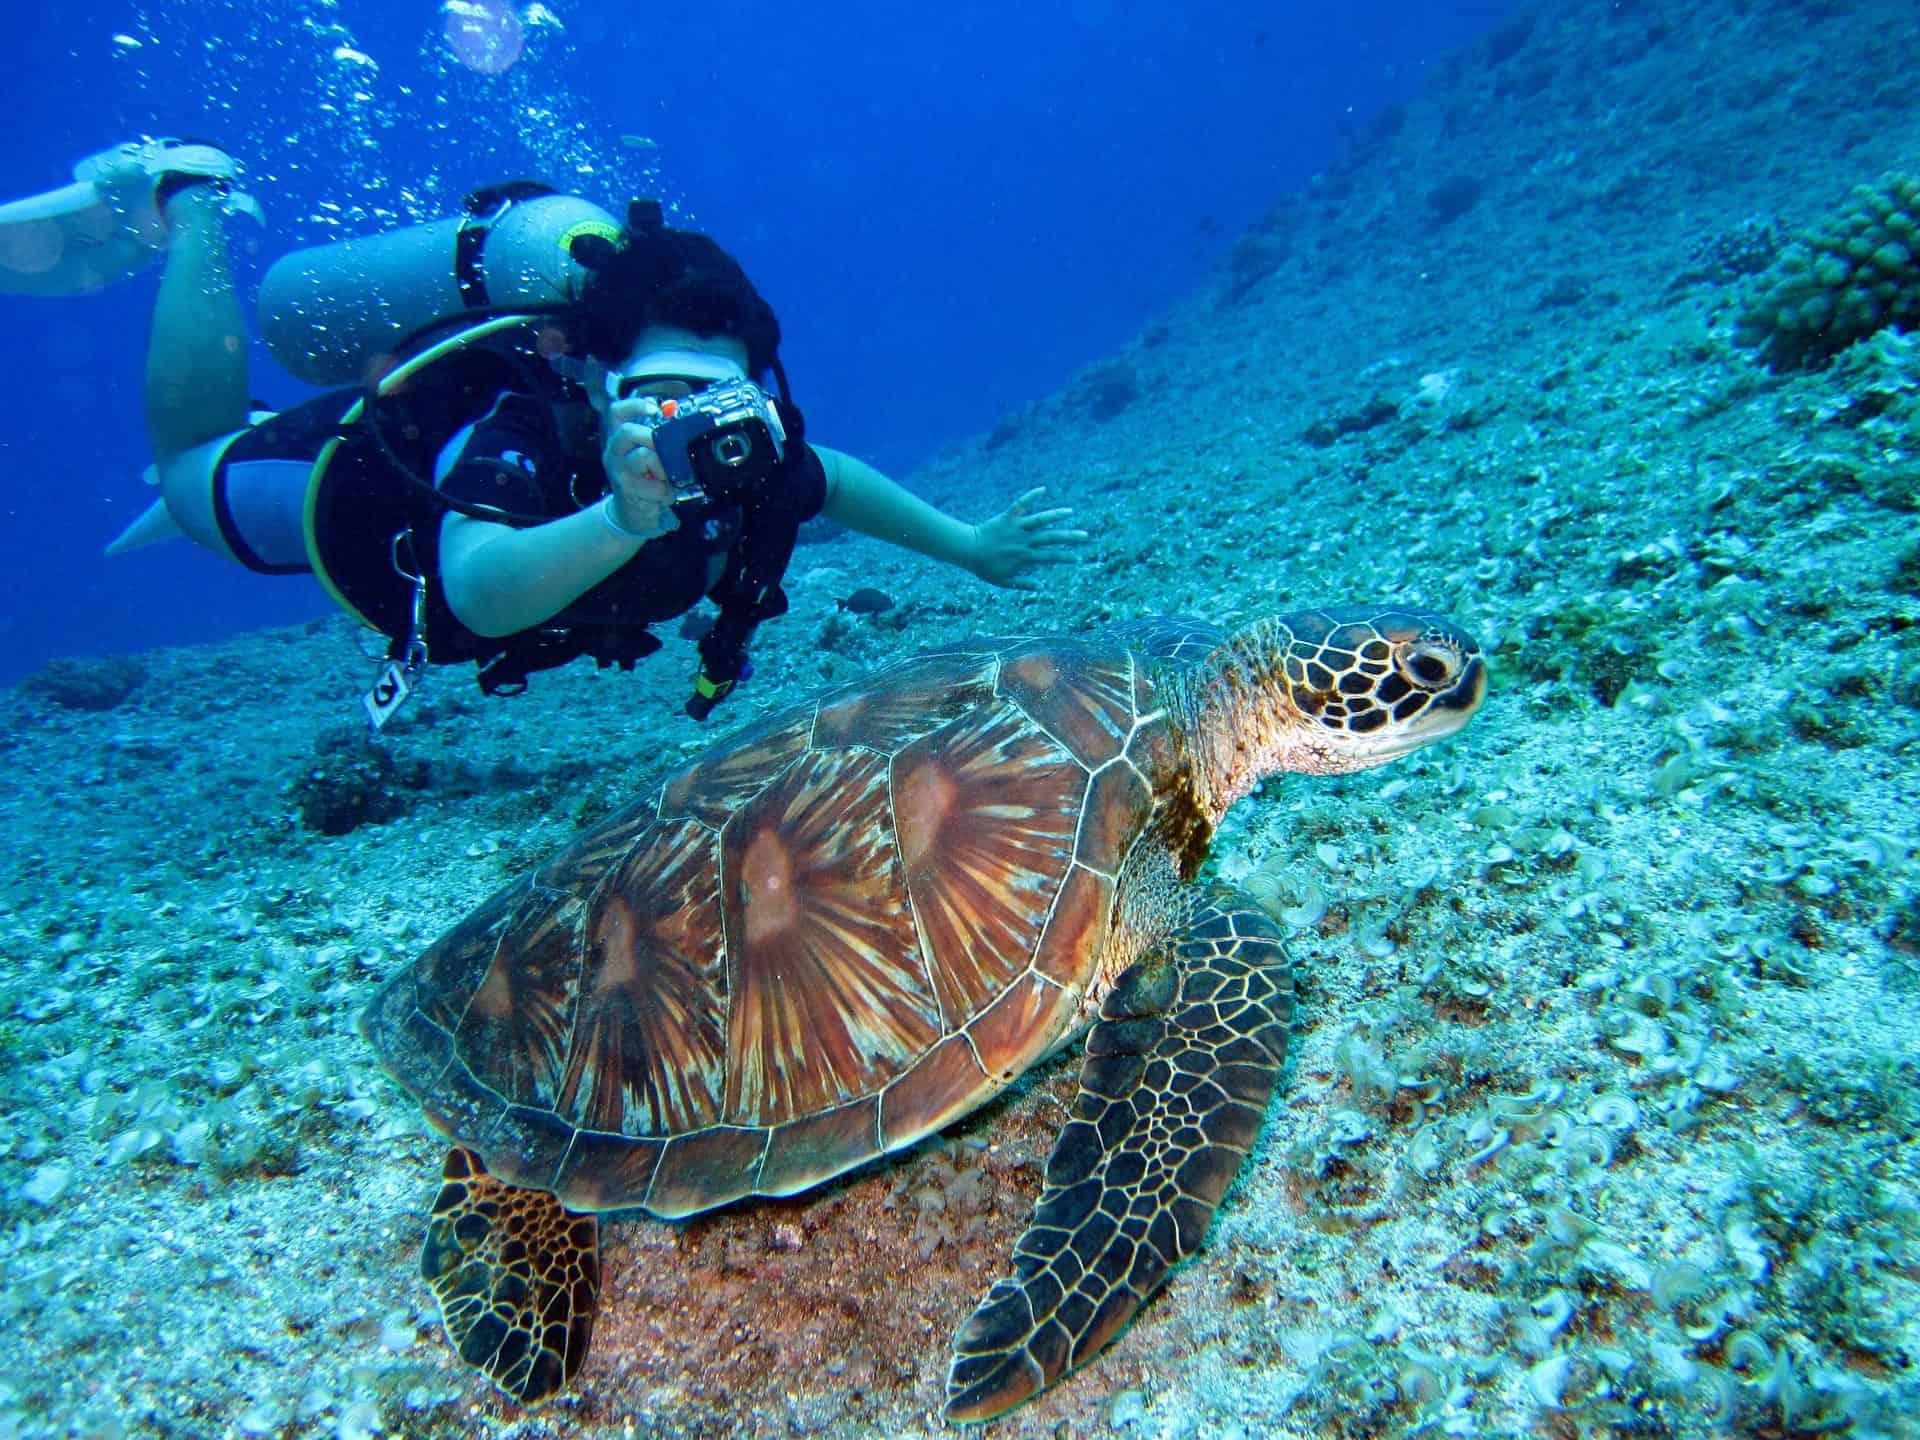 Aquatic Animal Coral Diver